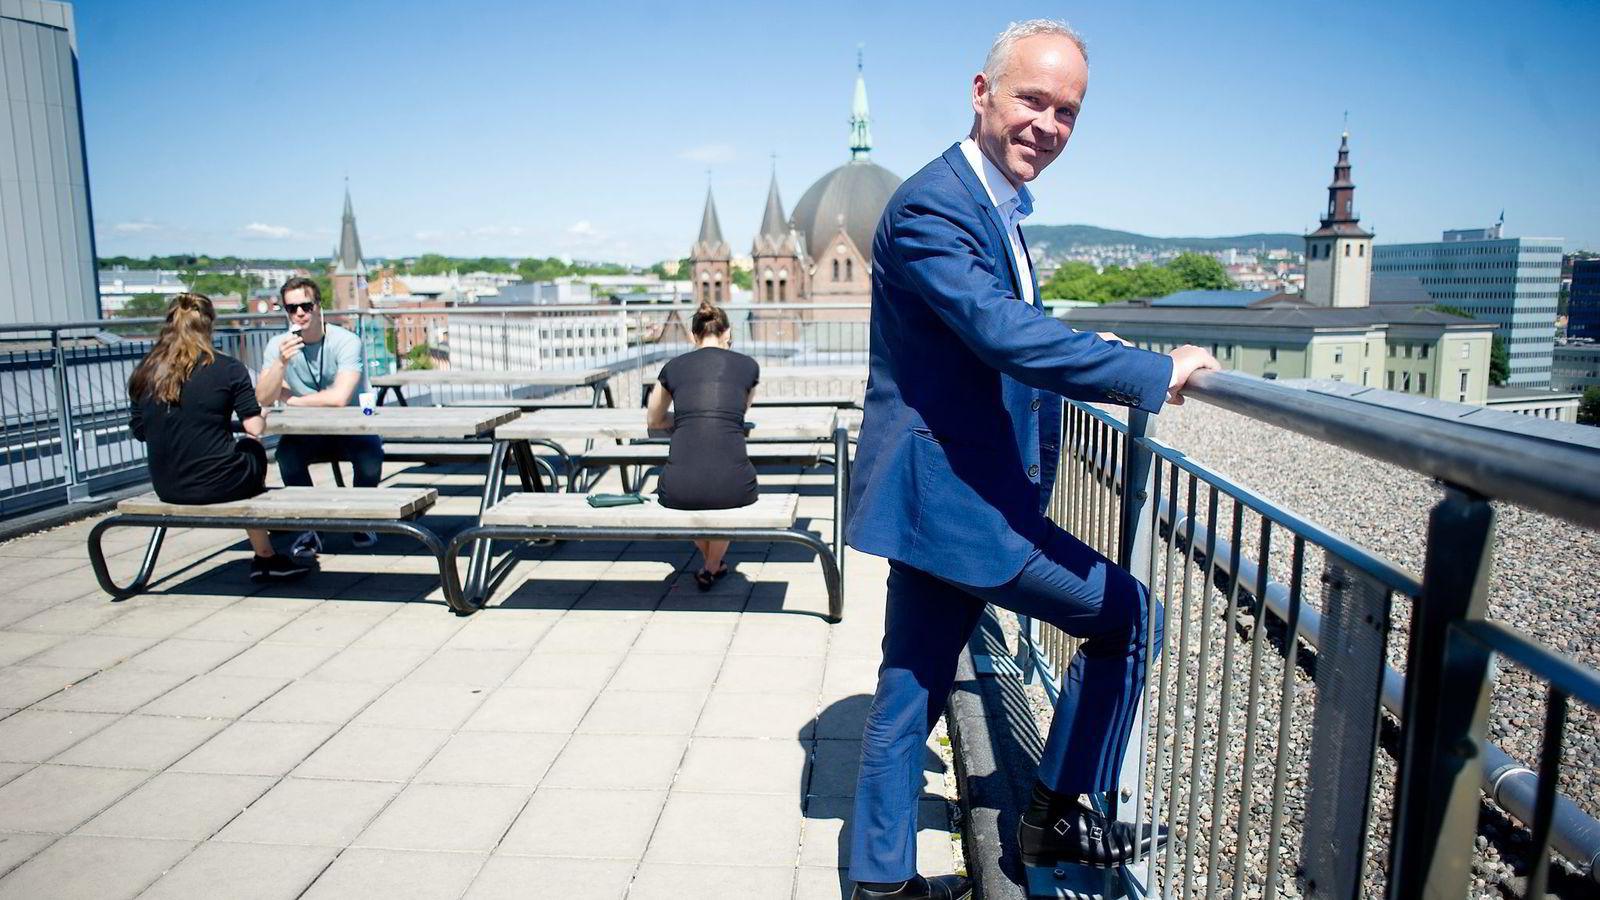 Kommunalminister Jan Tore Sanner mener det er «common sense» å gi kommuner unntak for fristen, i spesielle tilfeller.